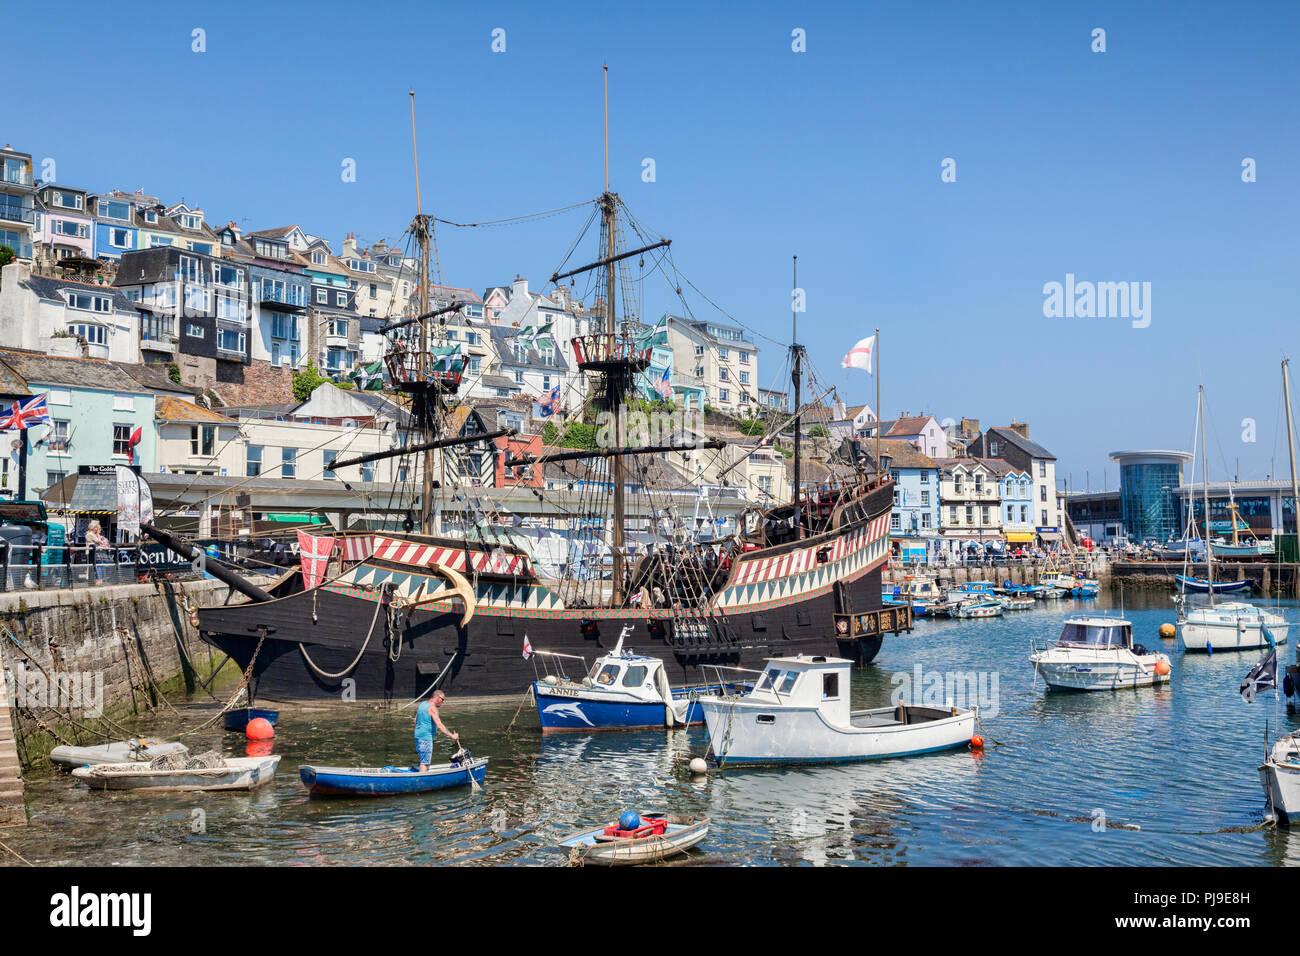 23 de mayo de 2018: Brixham, Devon, Reino Unido - El Golden Hind réplica, una atracción en Brixham Harbour. Foto de stock